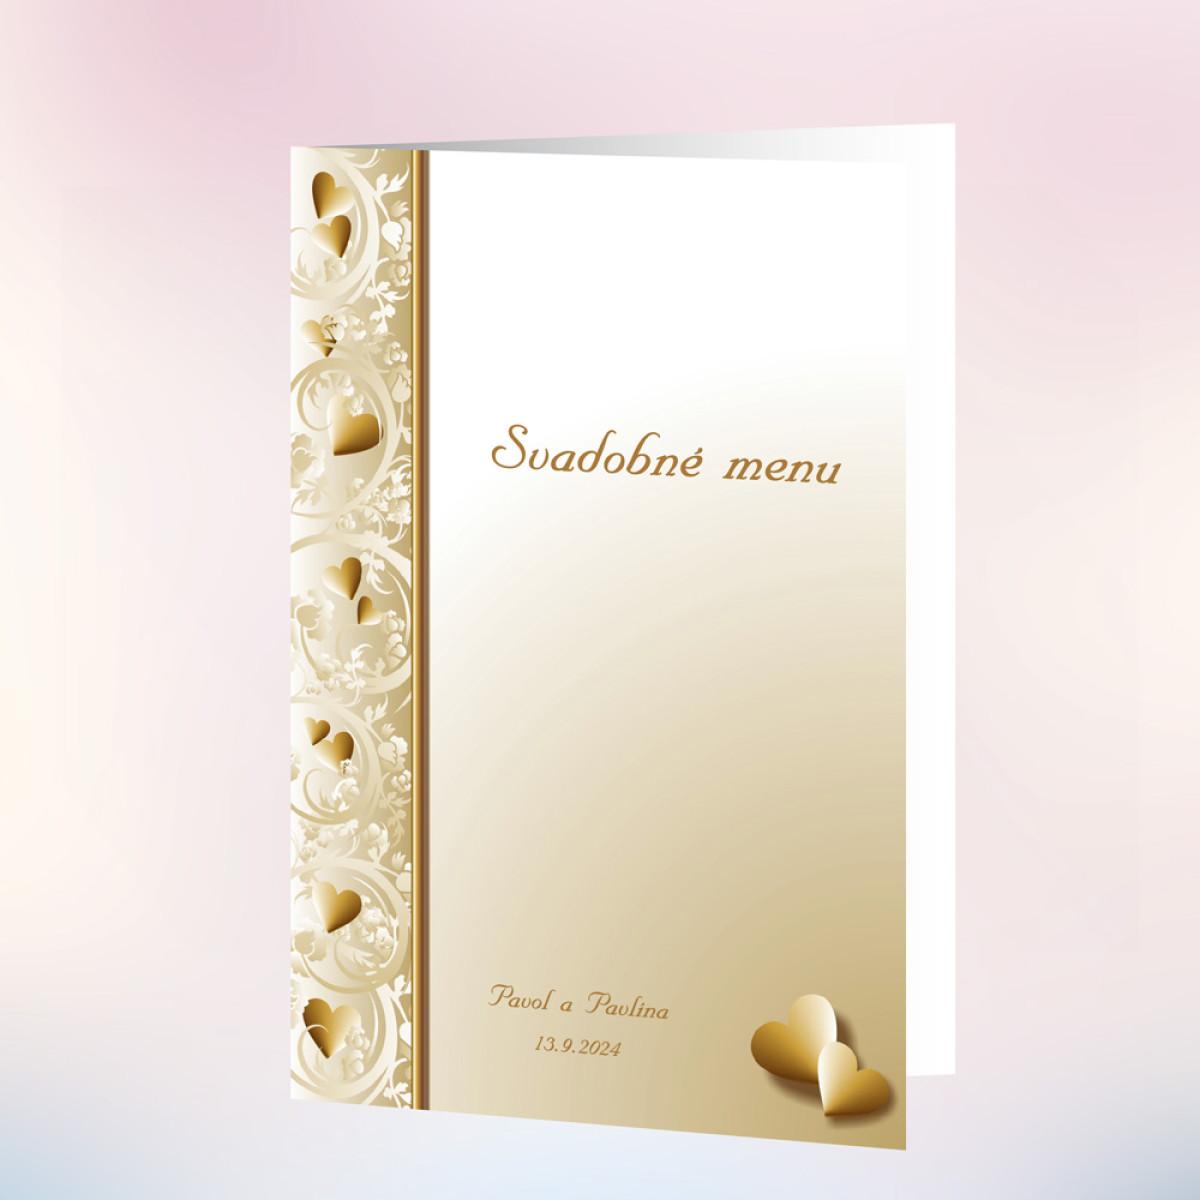 00b48509cc0f Svadobné menu ELEGANCE - Zlaté dekorace - Zlatá svatba